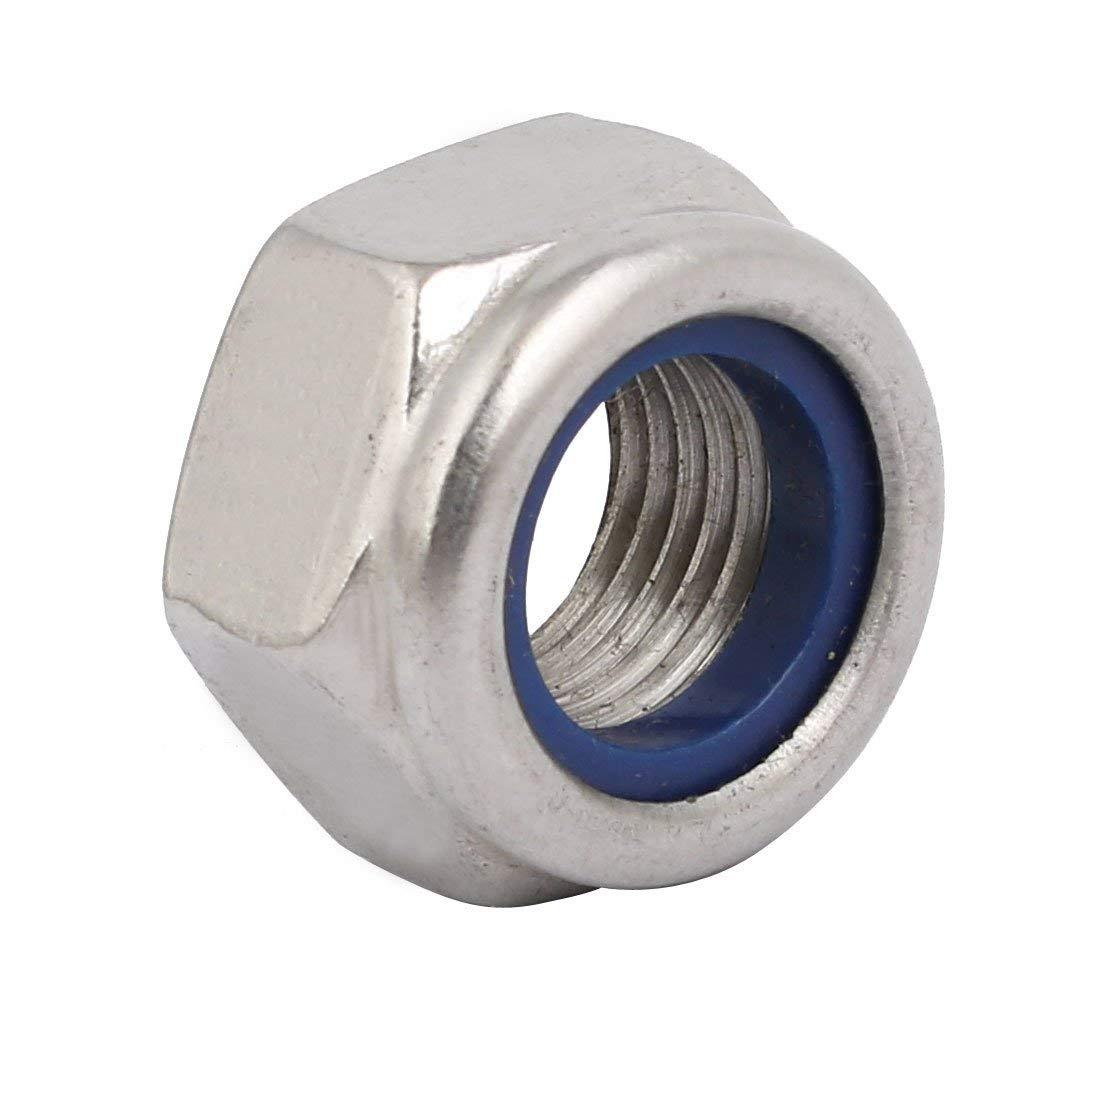 Dadi di bloccaggio esagonali in acciaio inox 304 con filettatura fine metrica a passo fine ZKXD 4 pezzi M14 x 1,5mm